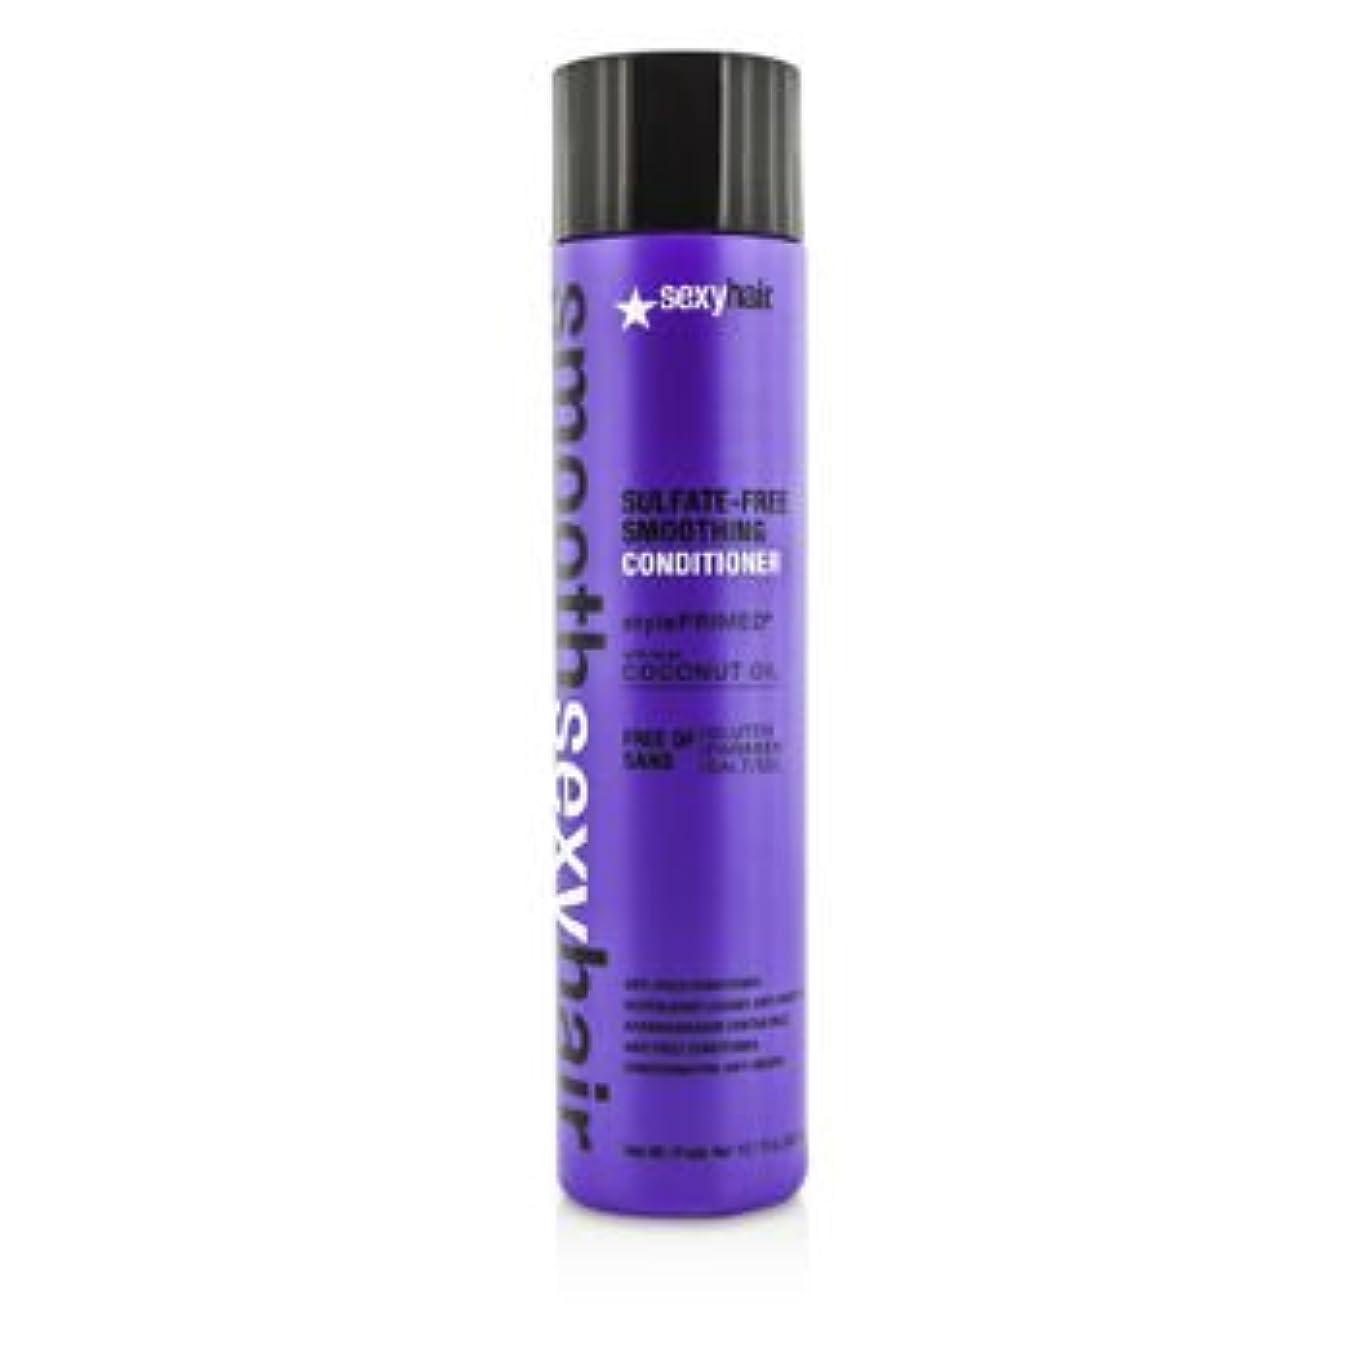 治療ドキドキ熱[Sexy Hair Concepts] Smooth Sexy Hair Sulfate-Free Smoothing Conditioner (Anti-Frizz) 300ml/10.1oz